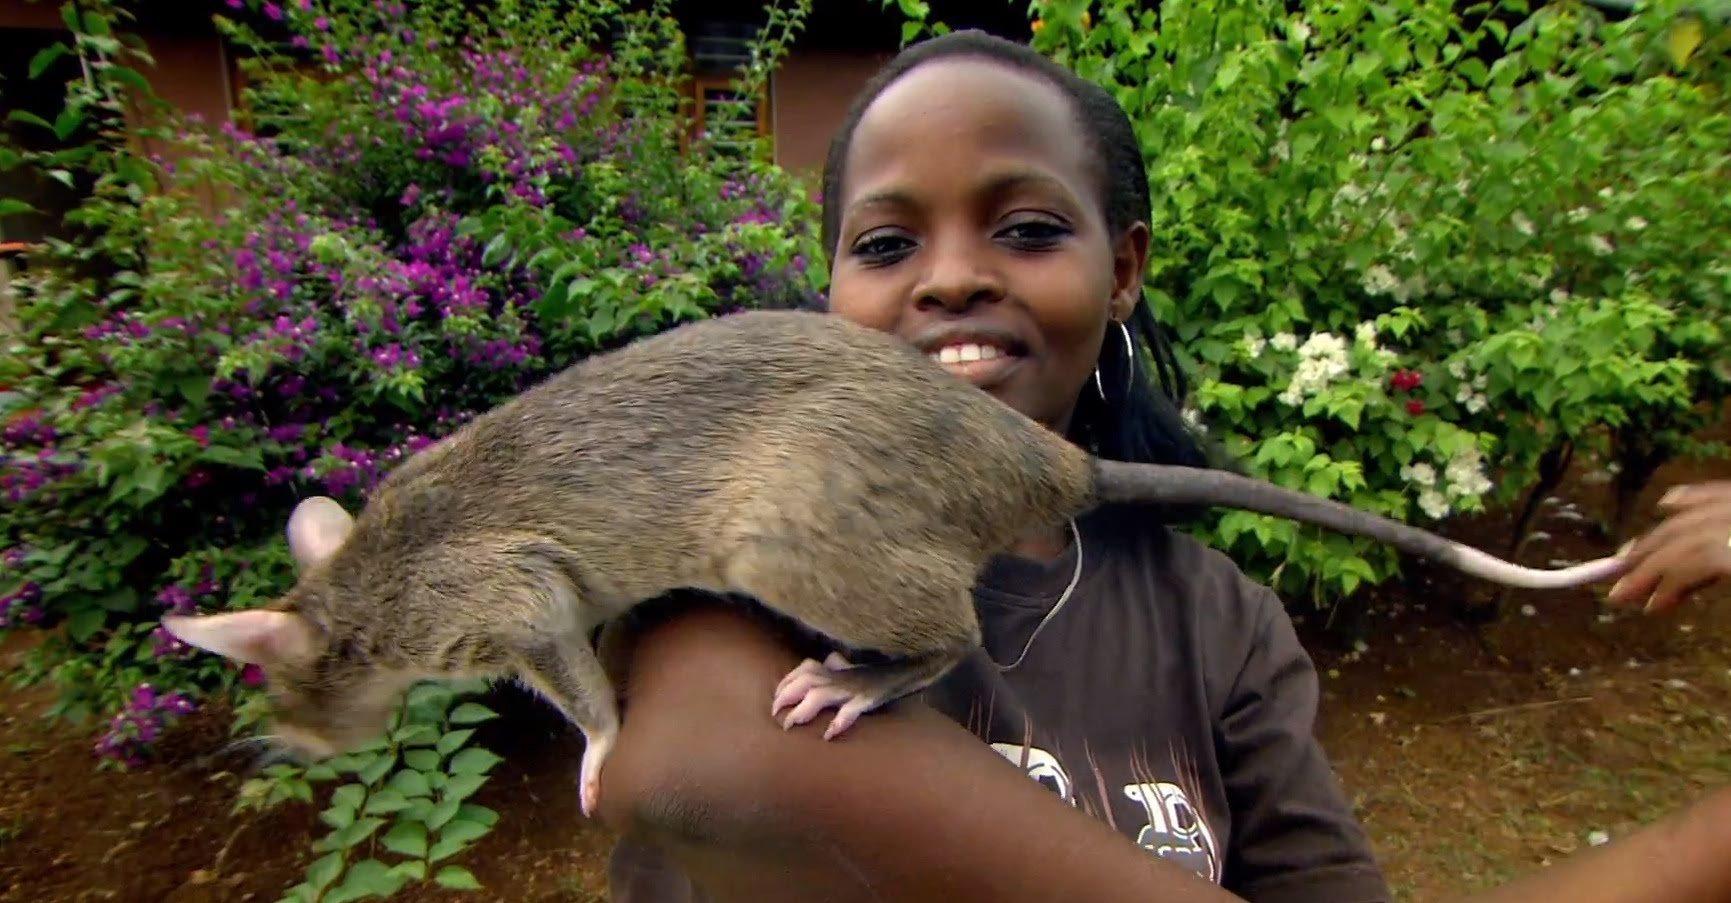 Rato de estimação?